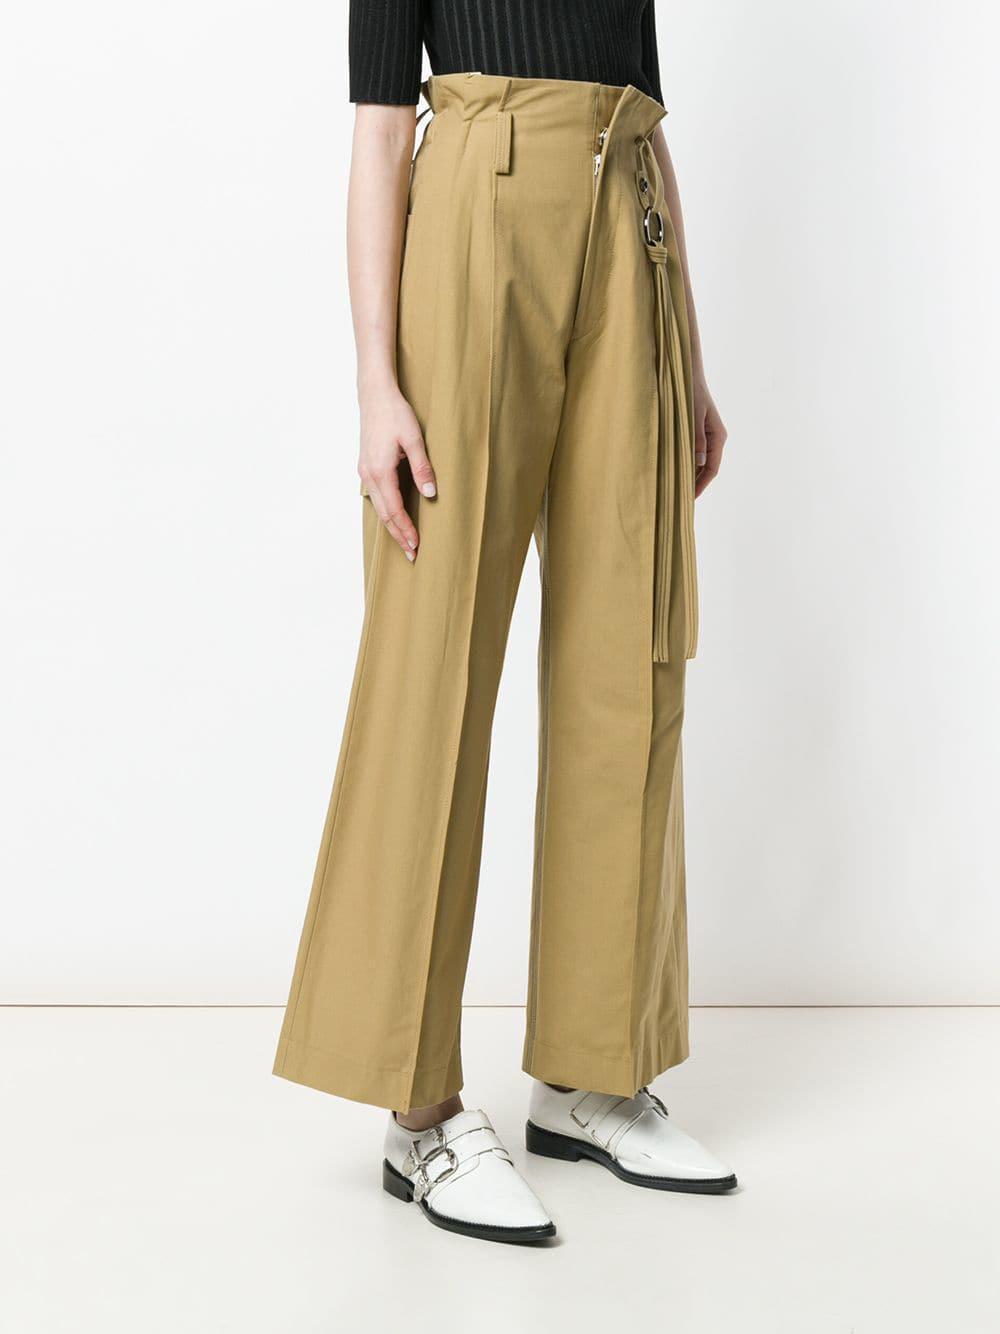 Lyst de pantalones natural anchos Cintura de pierna Ujoh papel Bolsa  0xqwPRW0az 8f5e859995f